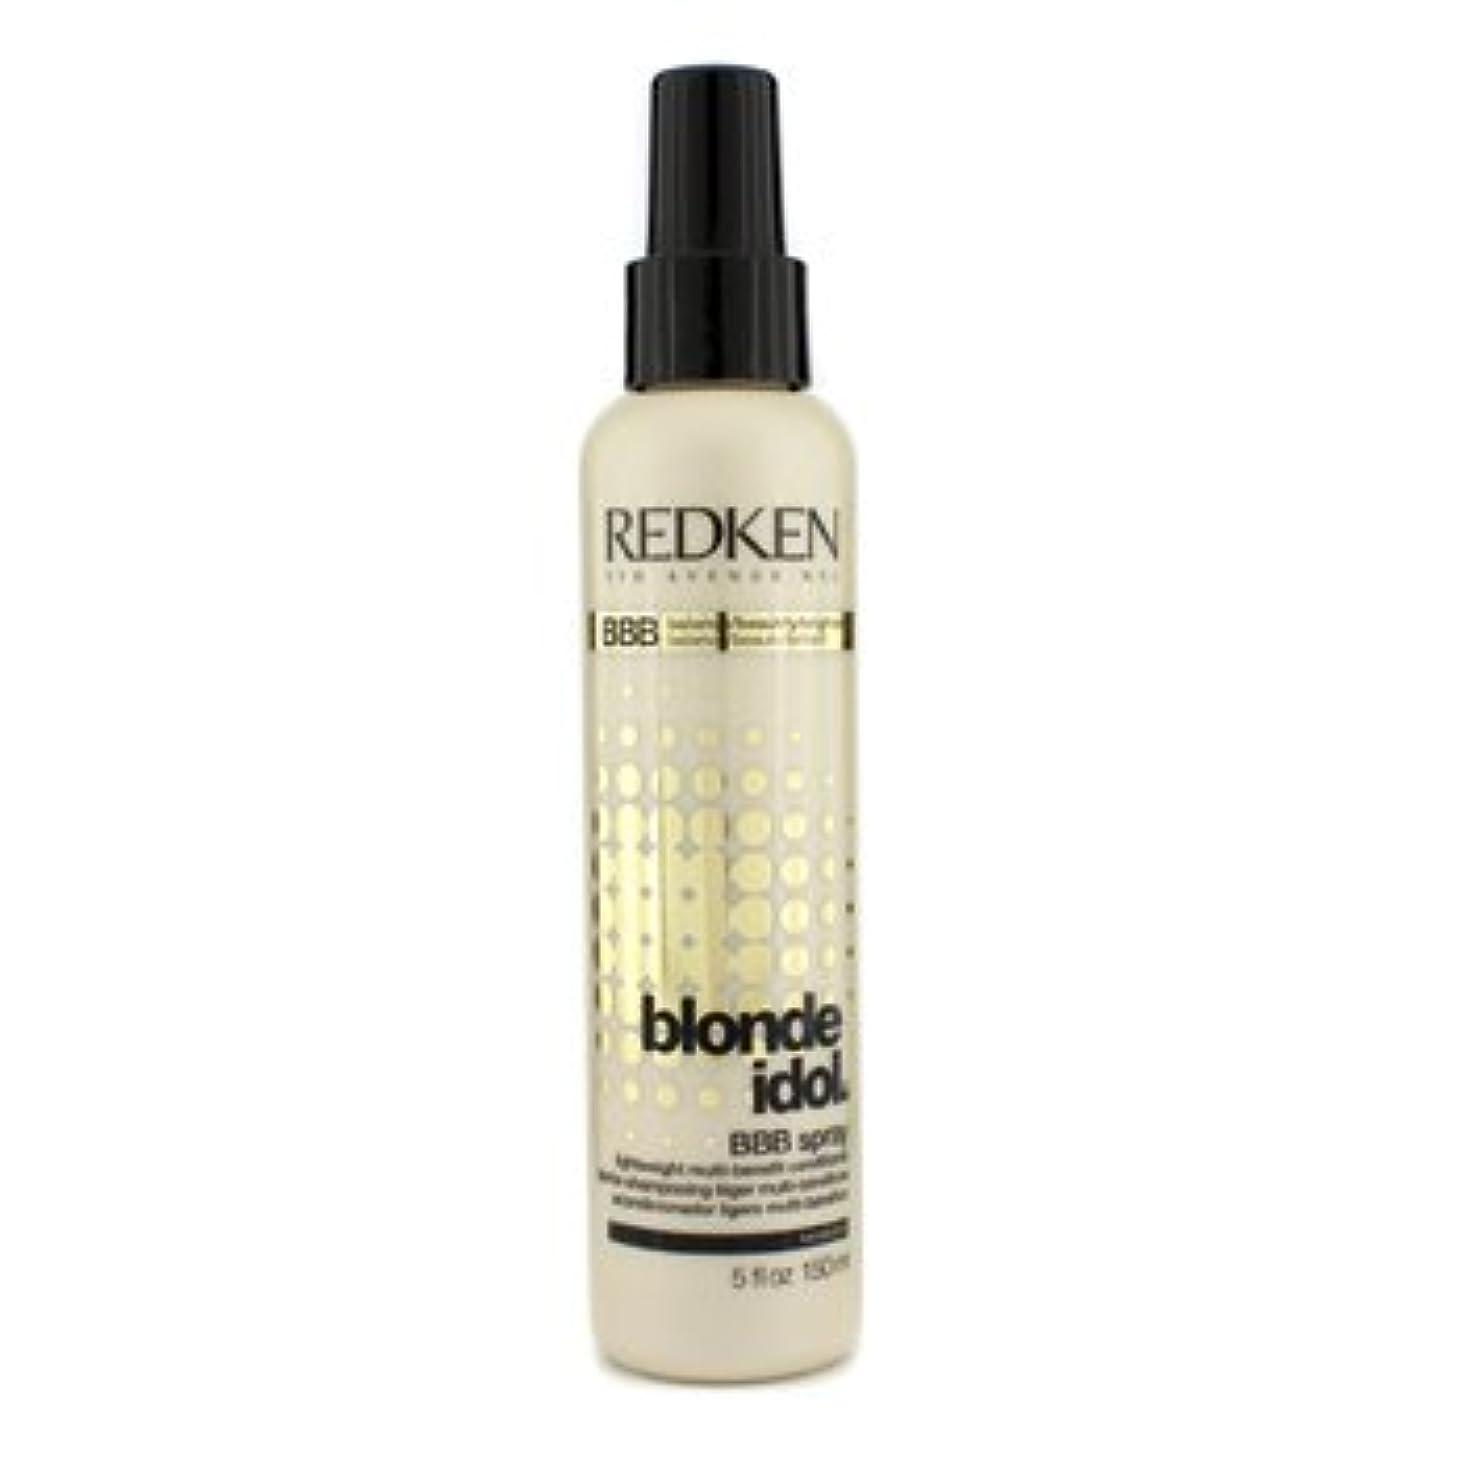 ペネロペ出口役割[Redken] Blonde Idol BBB Spray Lightweight Multi-Benefit Conditioner (For Beautiful Blonde Hair) 150ml/5oz